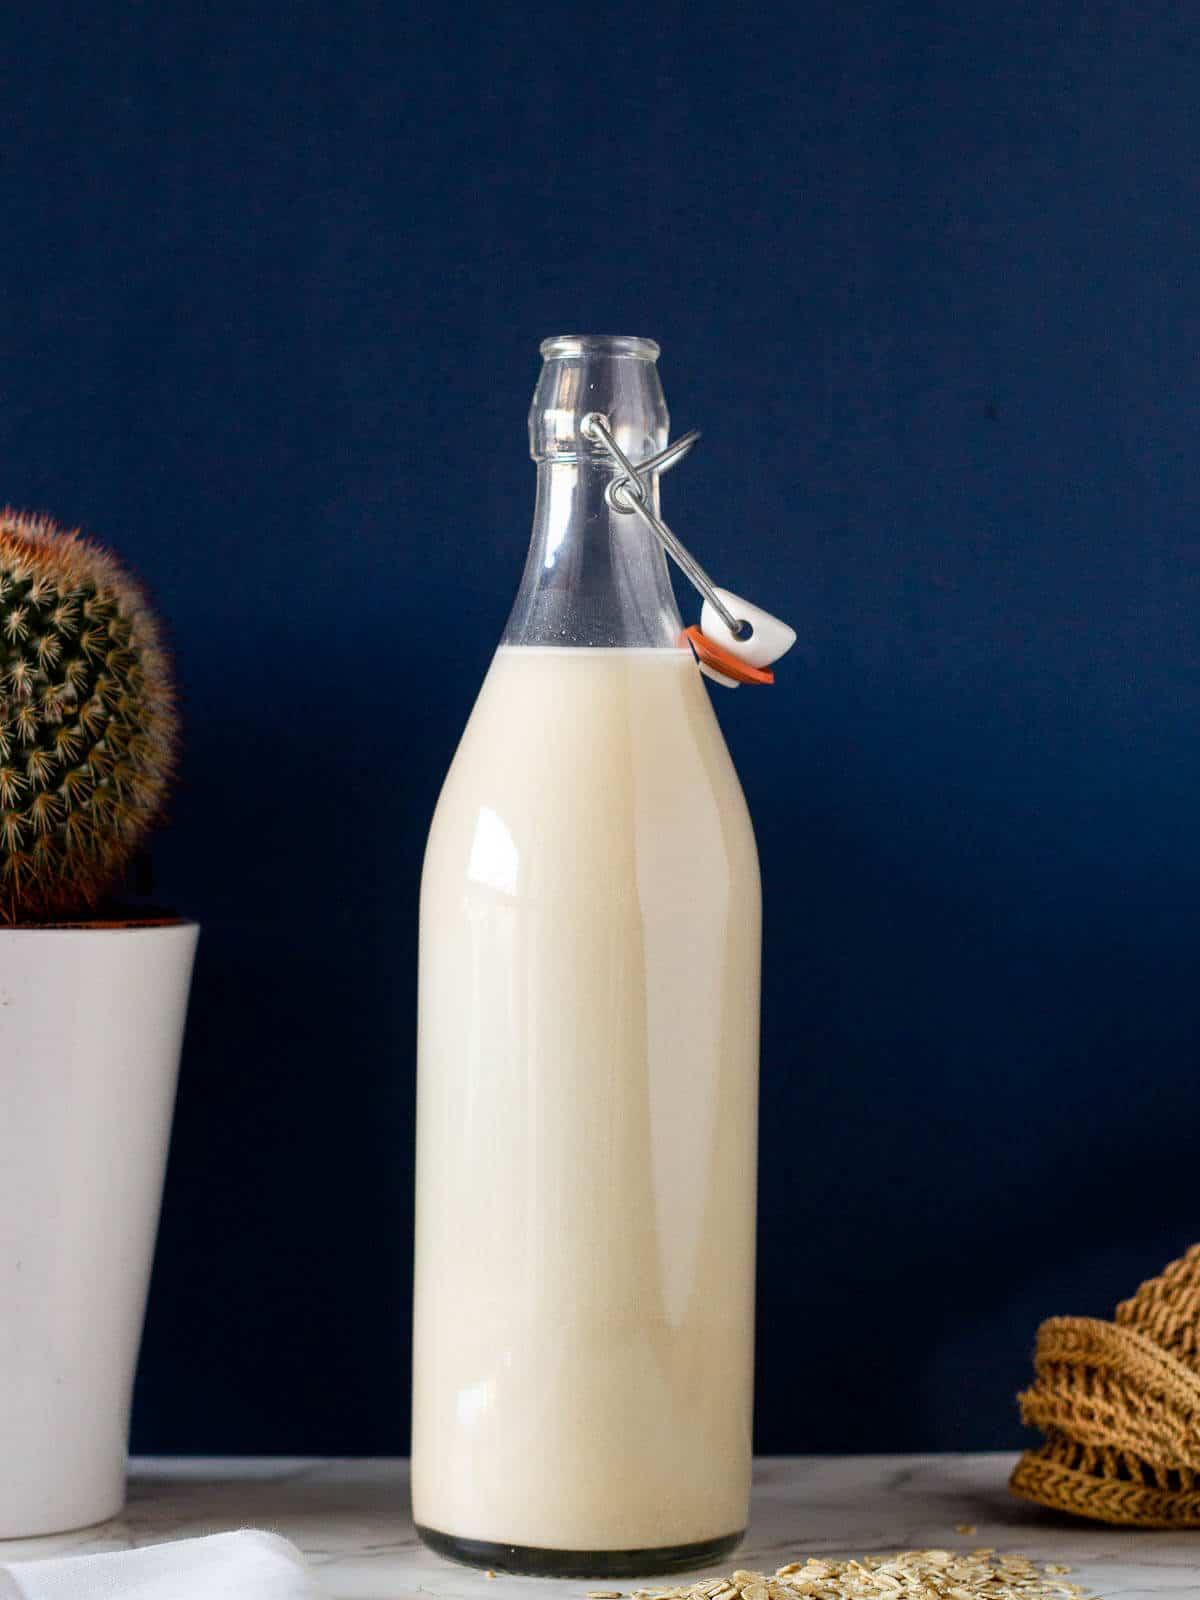 oat milk bottle